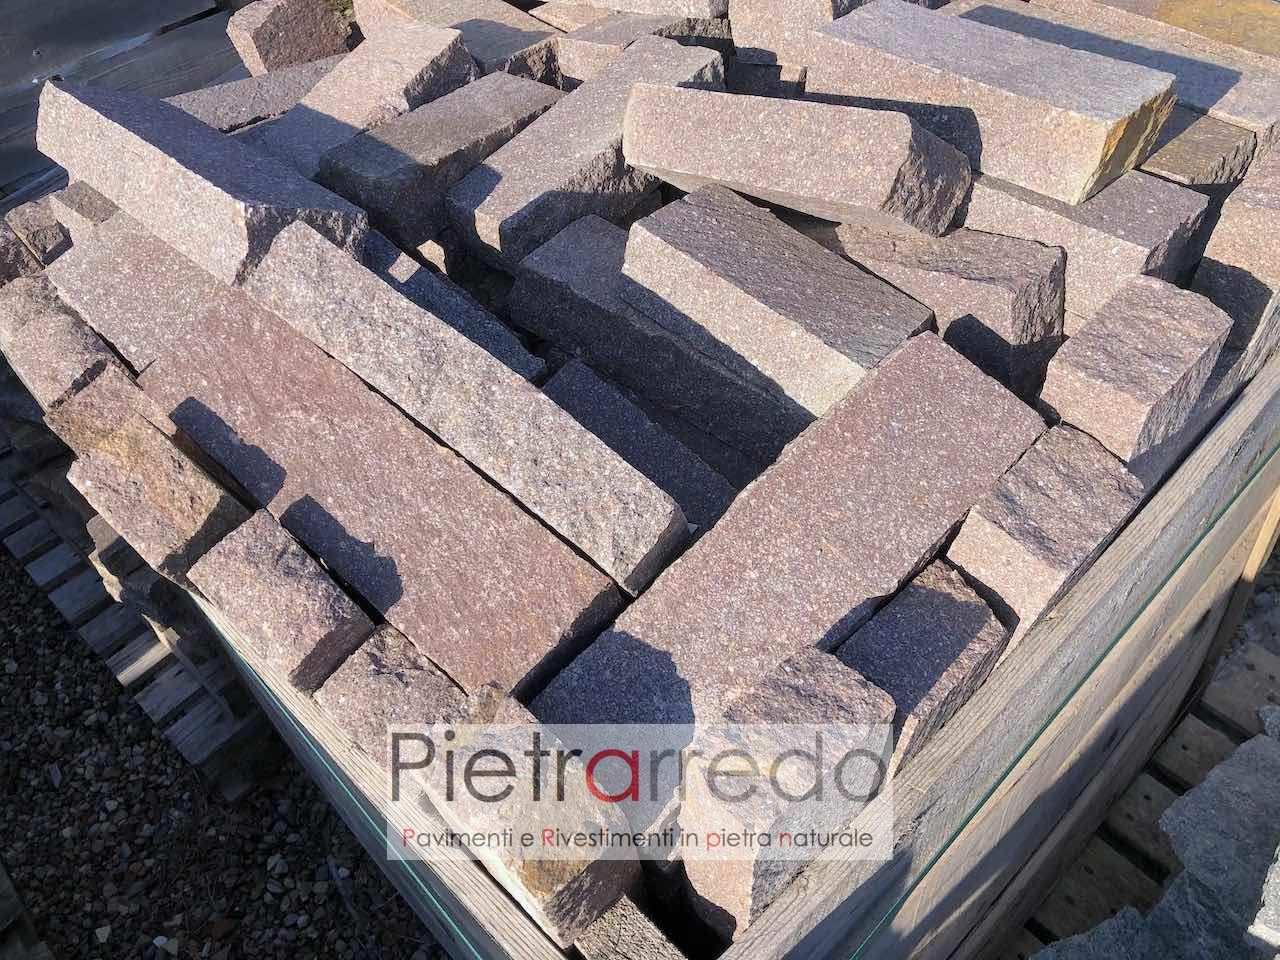 cordoni e cordoli in porfido pietra aiuole binderi prezzo sasso pietrarredo milano